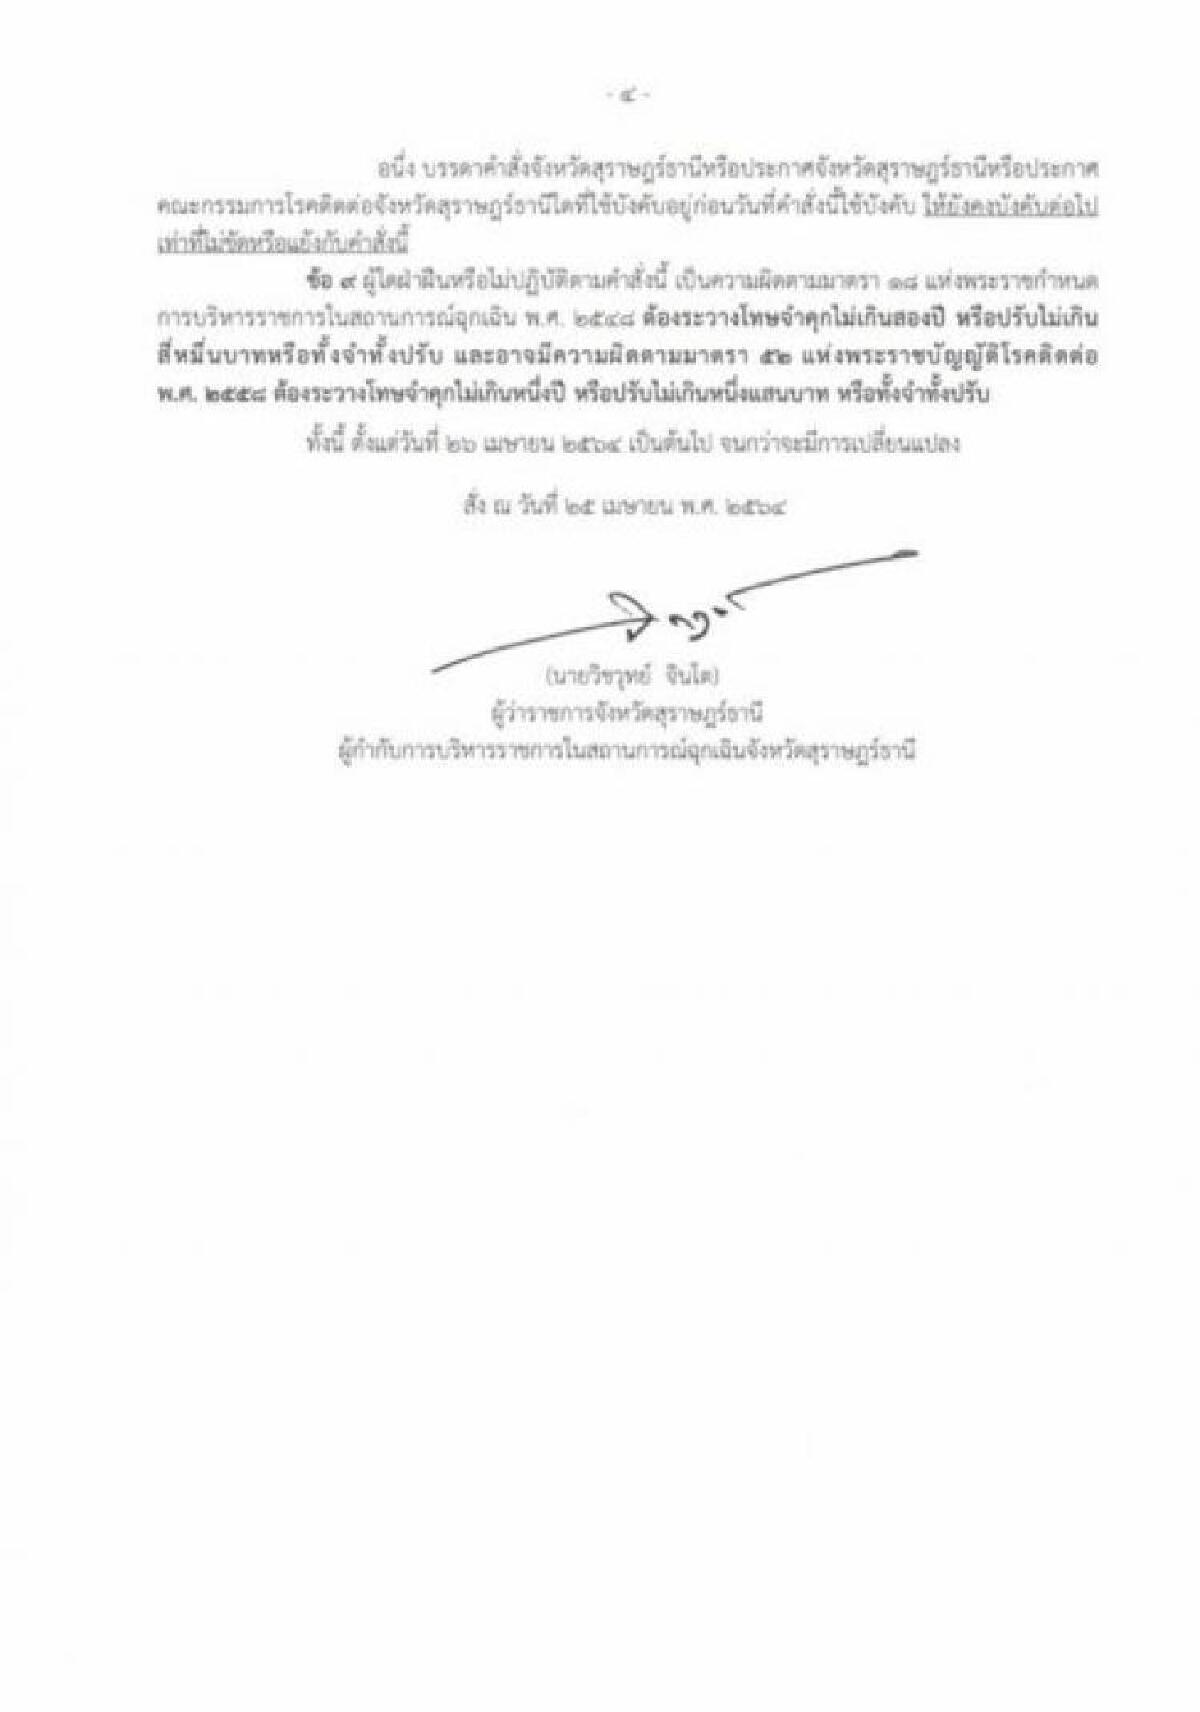 ปทุมธานี-สุราษฎร์ธานี ยกระดับสกัดโควิด ปิดสถานที่เสี่ยง-งดออกจากบ้าน